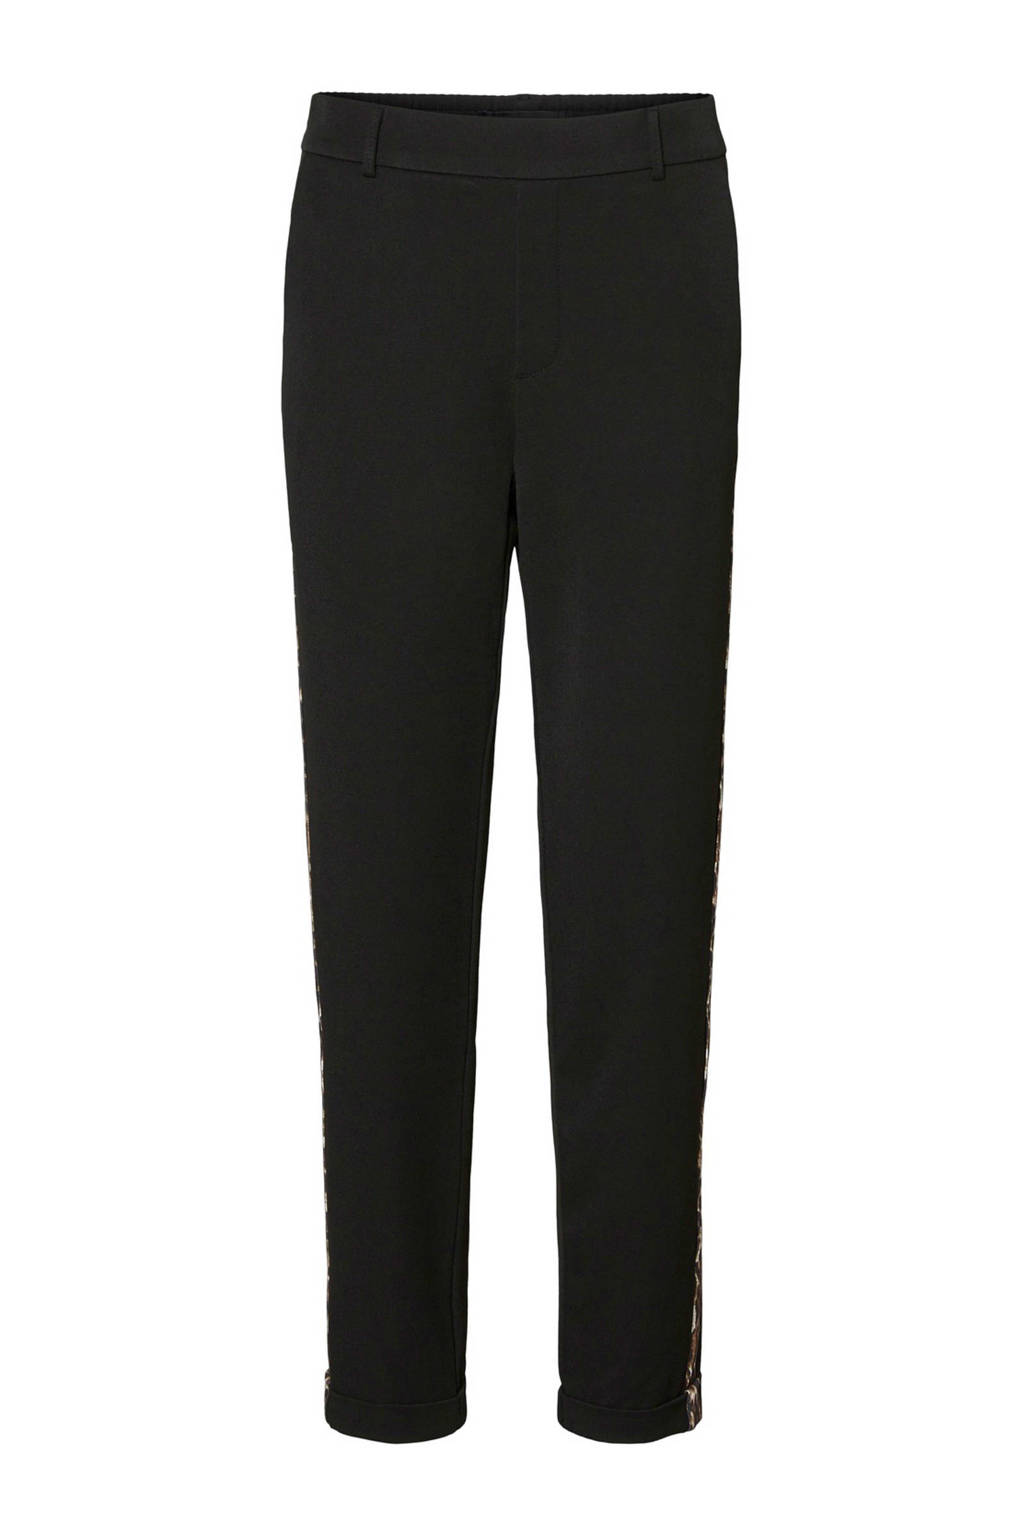 VERO MODA broek met panterprint zijstreep, Zwart/bruin